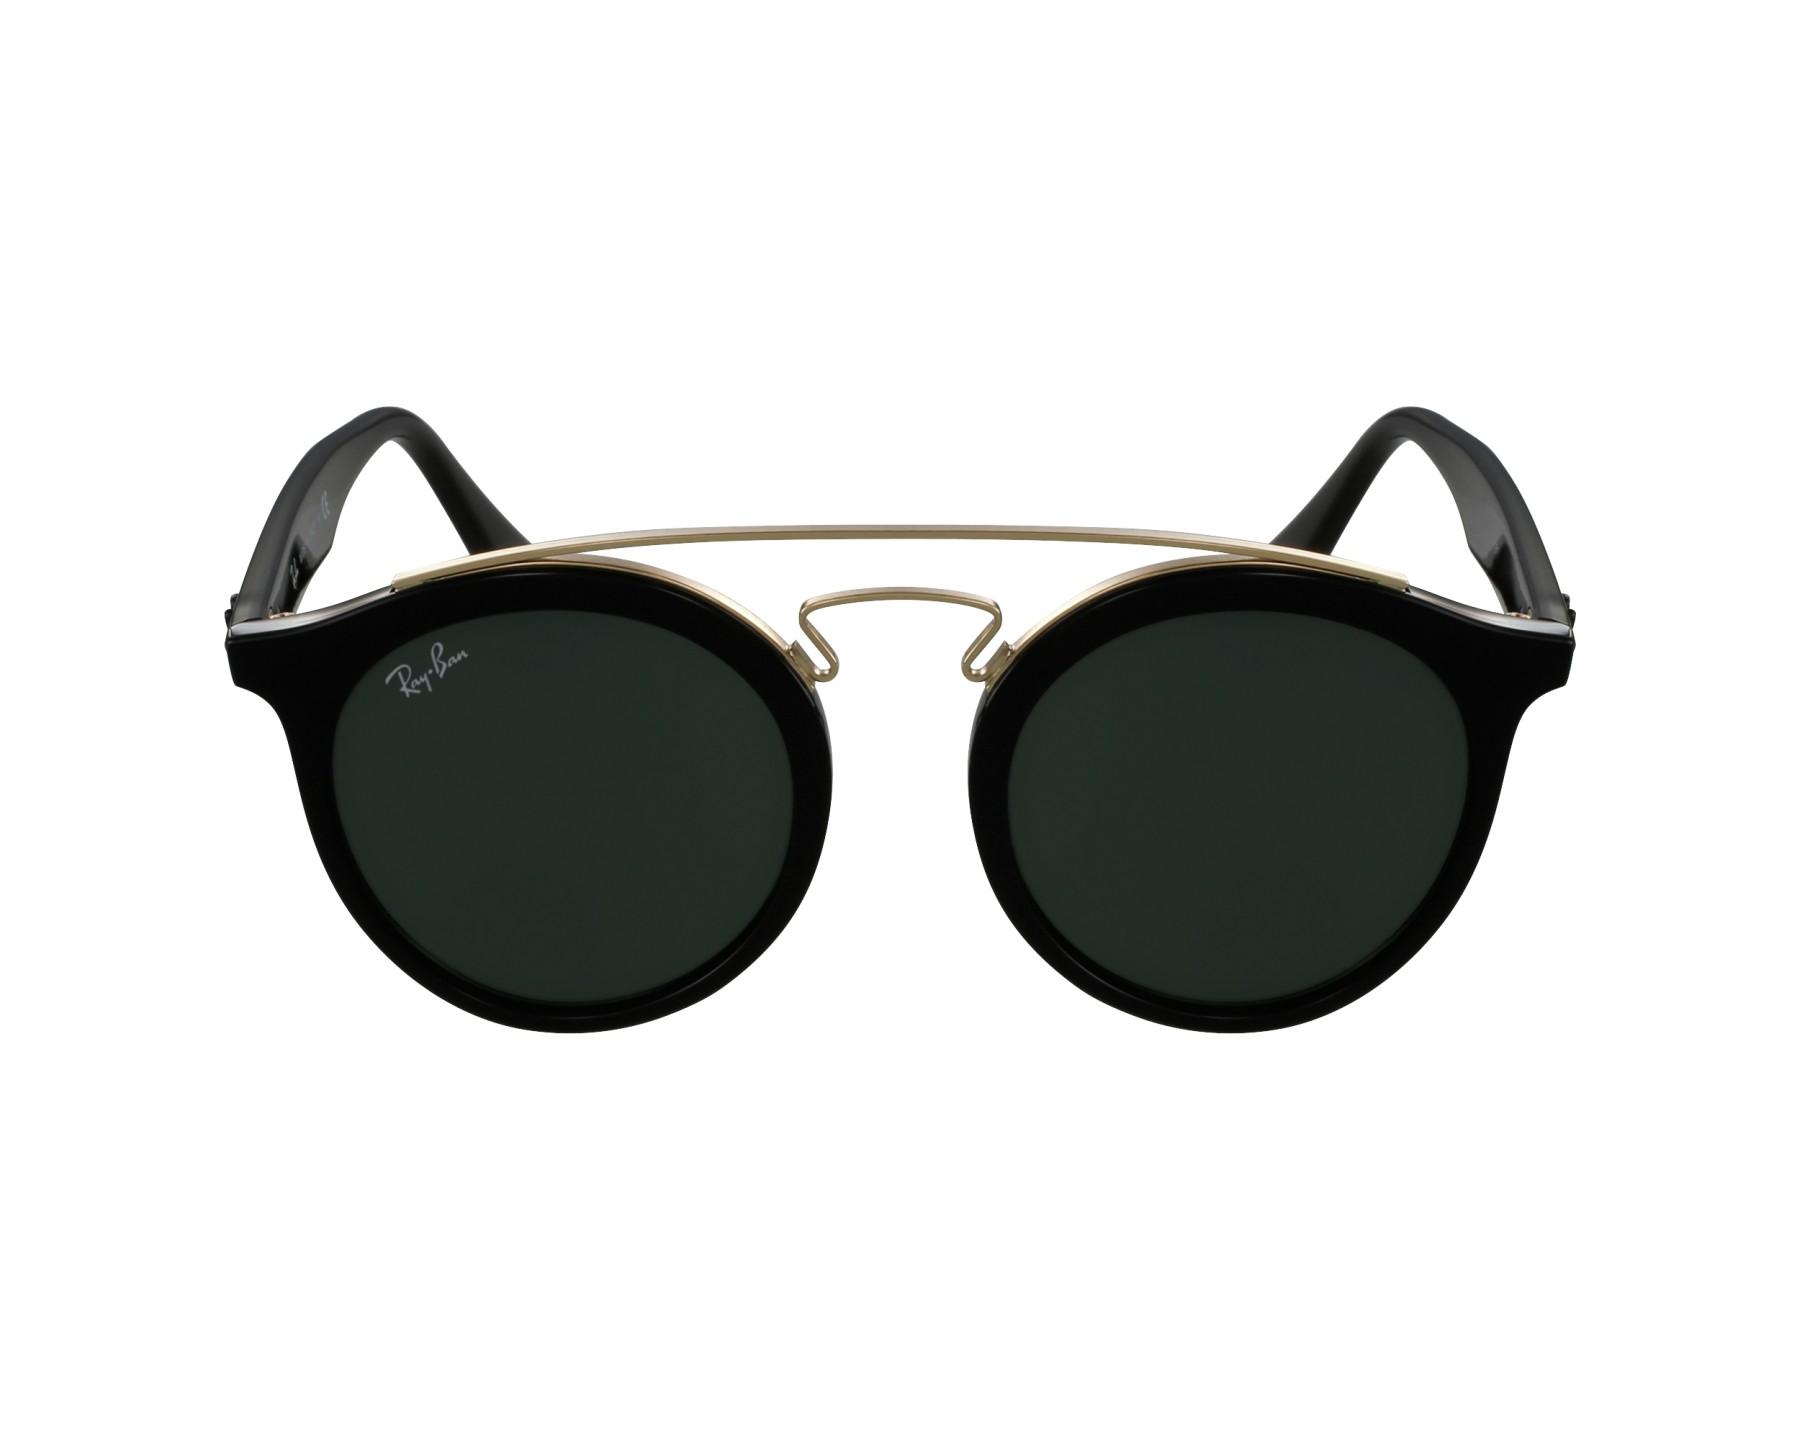 lunettes de soleil ray ban rb 4256 601 71 noir avec des verres gris vert. Black Bedroom Furniture Sets. Home Design Ideas